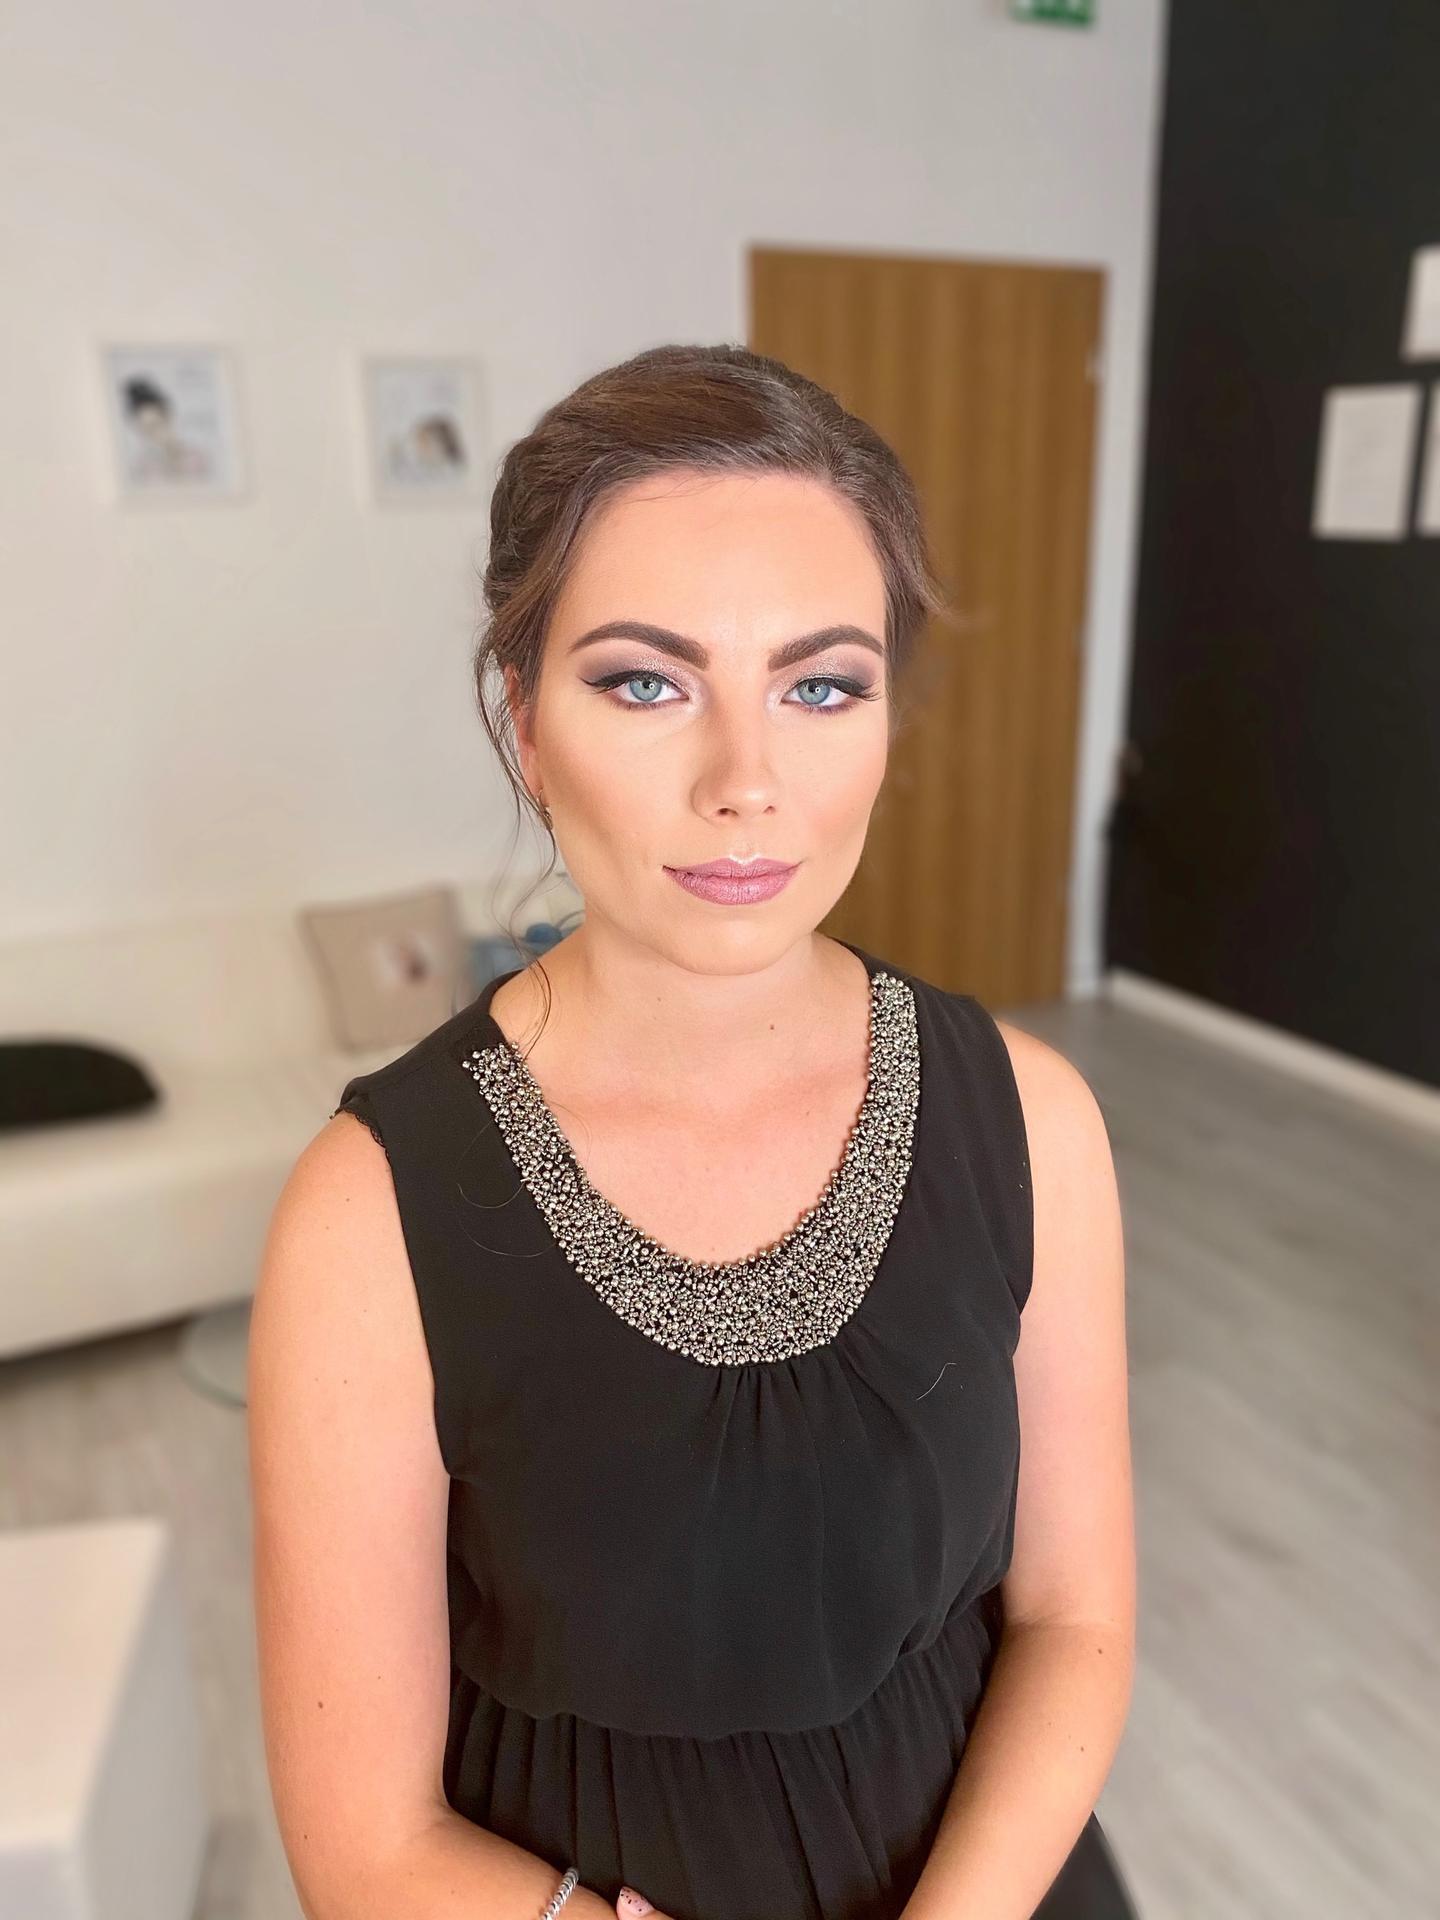 Makeup klientky ✨ - Obrázok č. 26